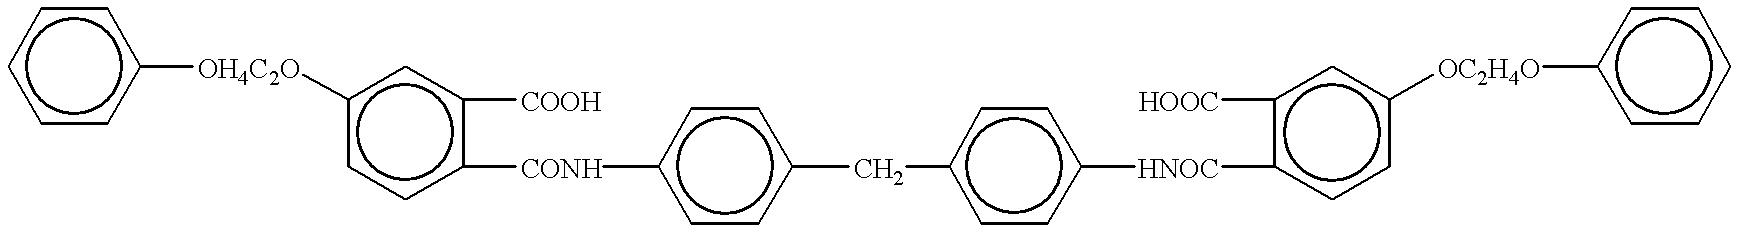 Figure US06180560-20010130-C00505